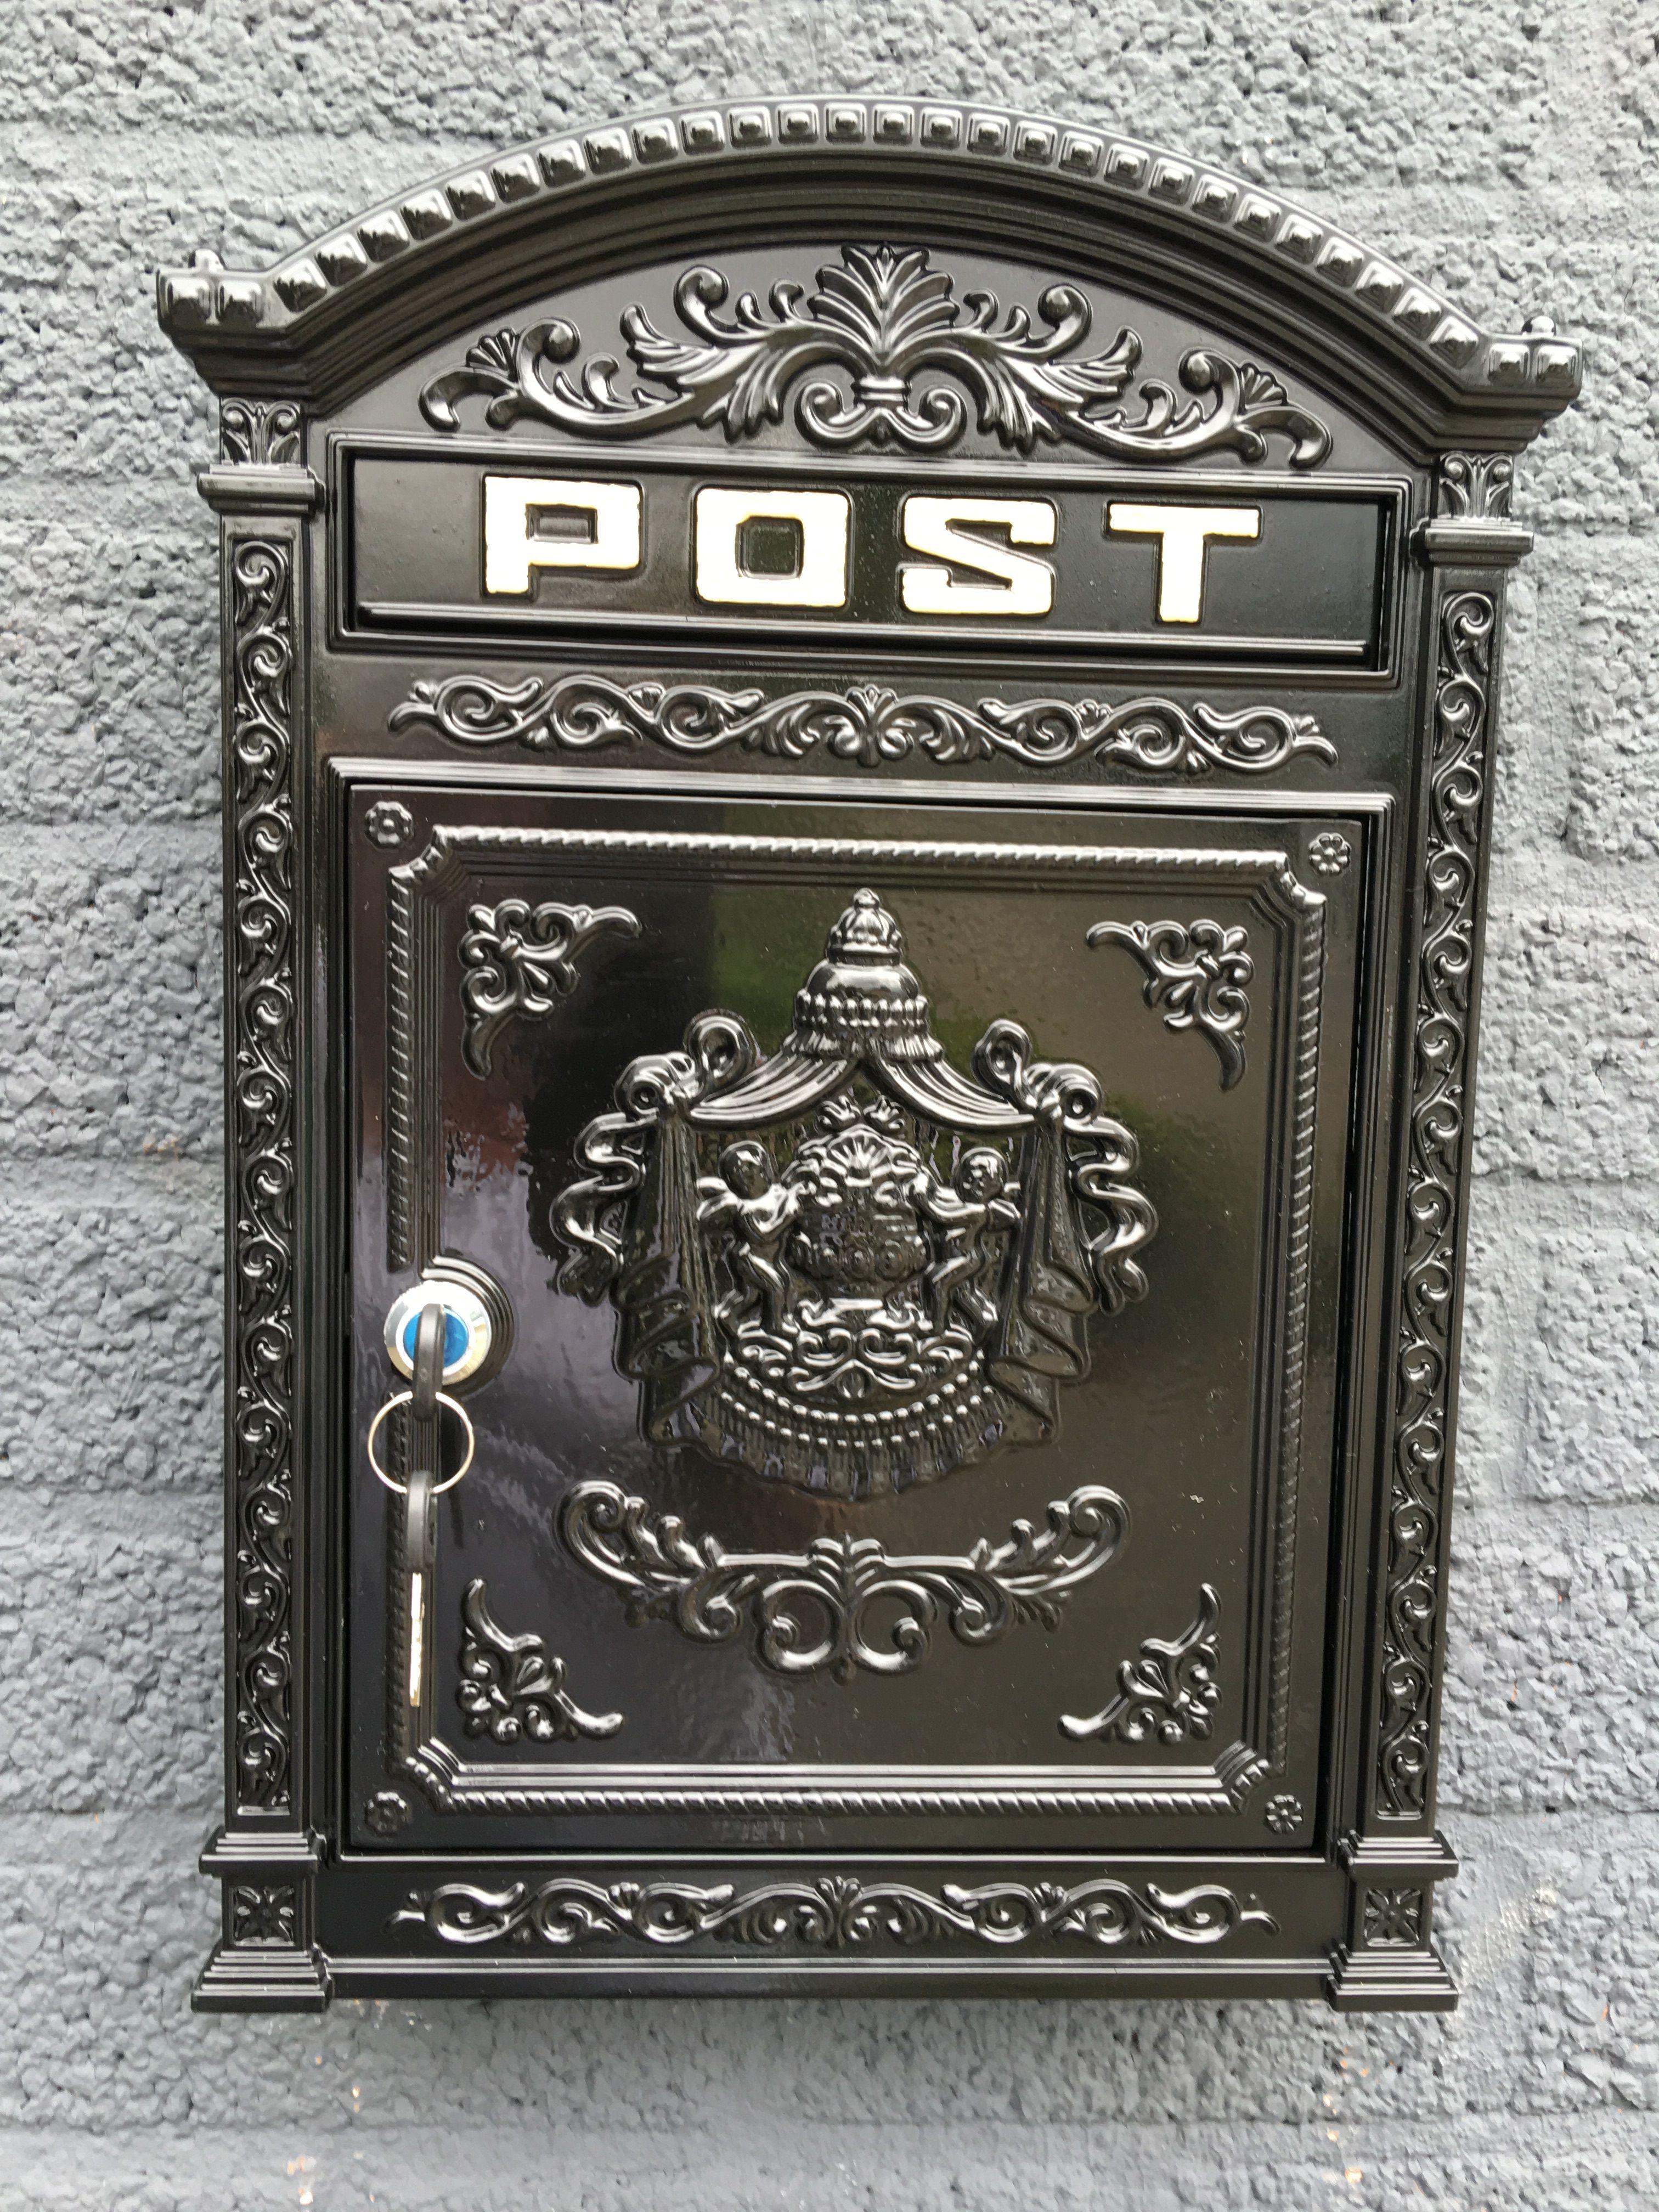 Hedendaags Uw specialist voor decoratie, antiek, brievenbus, nostalgie DX-49